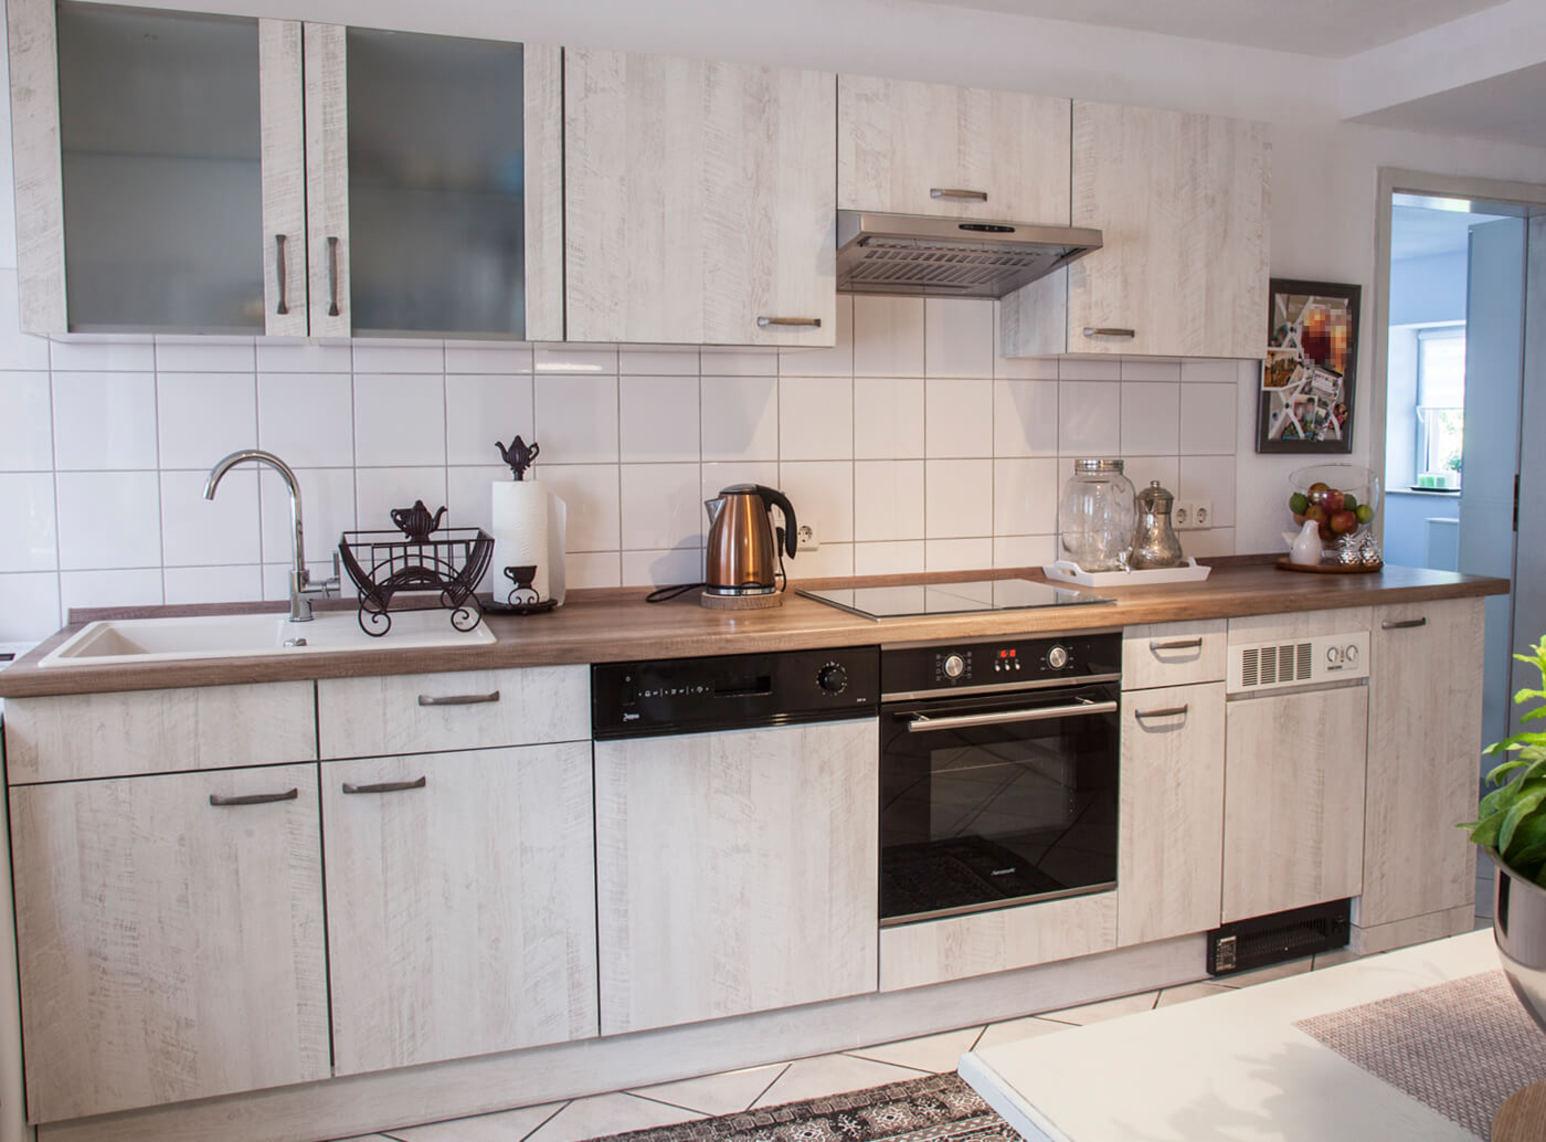 Full Size of Holzküche Auffrischen Innovative Kchengestaltung Resimdo Vollholzküche Massivholzküche Wohnzimmer Holzküche Auffrischen